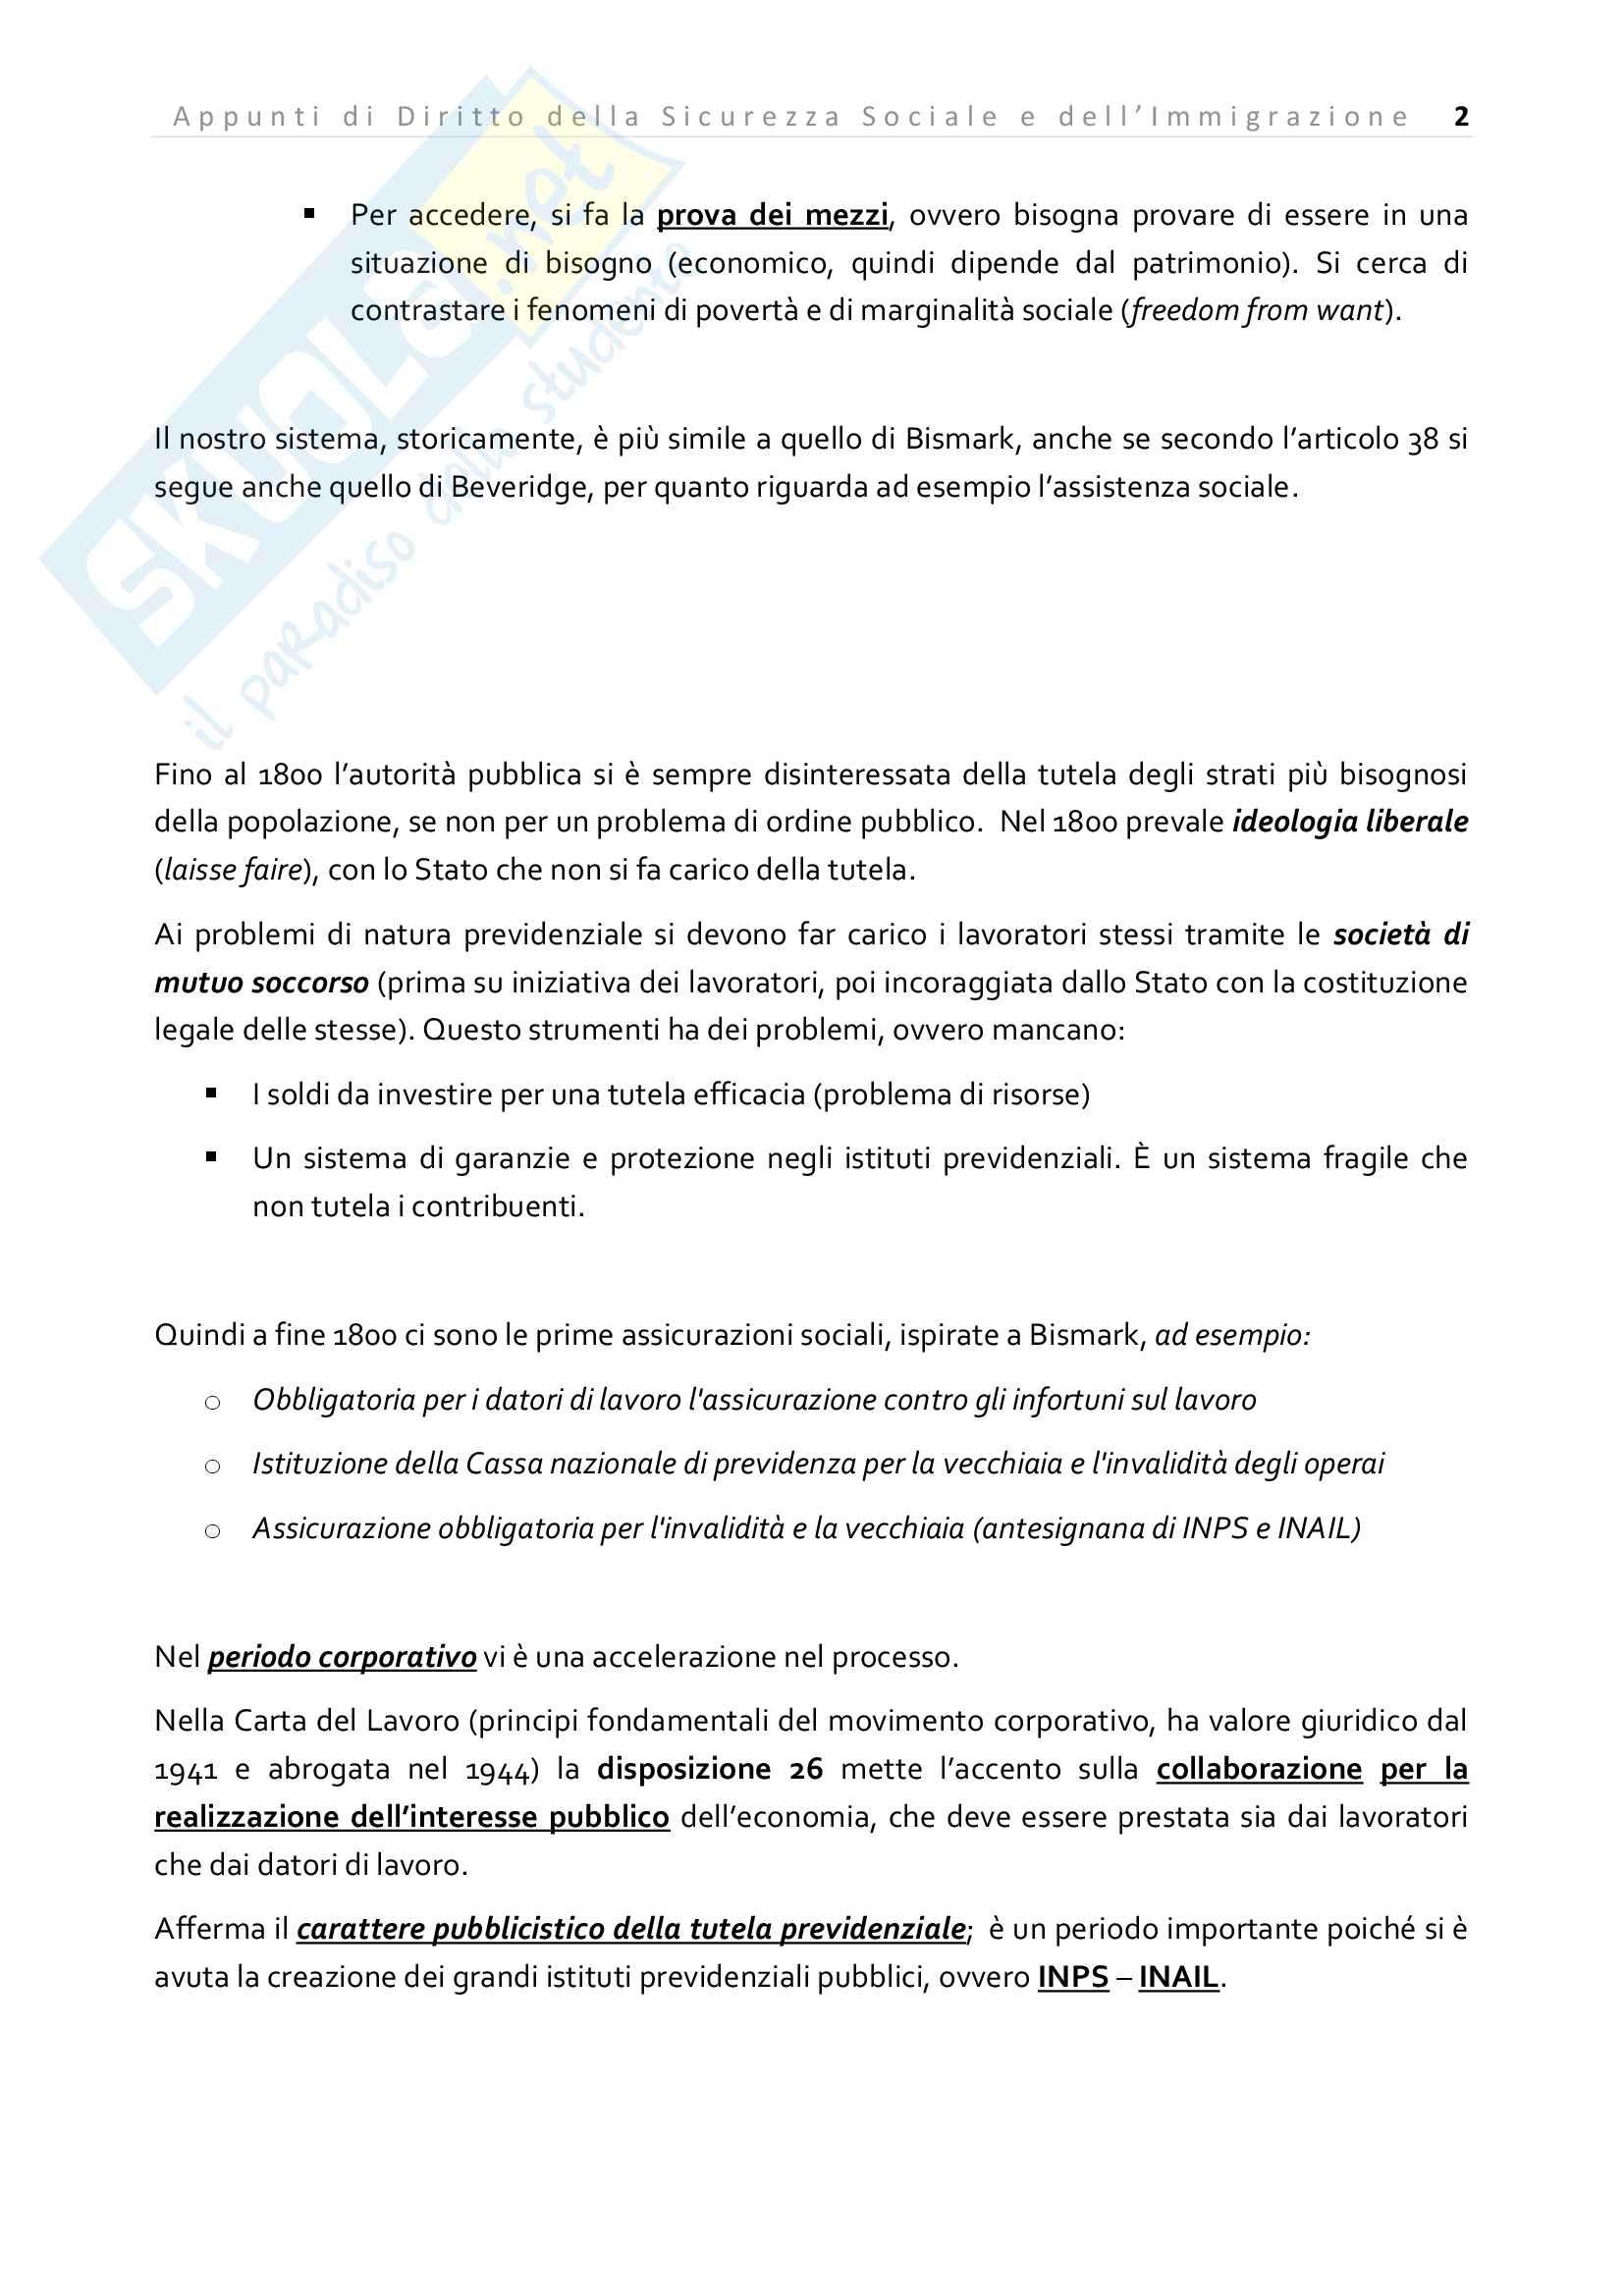 Appunti di Diritto della Sicurezza sociale e dell'immigrazione Pag. 2